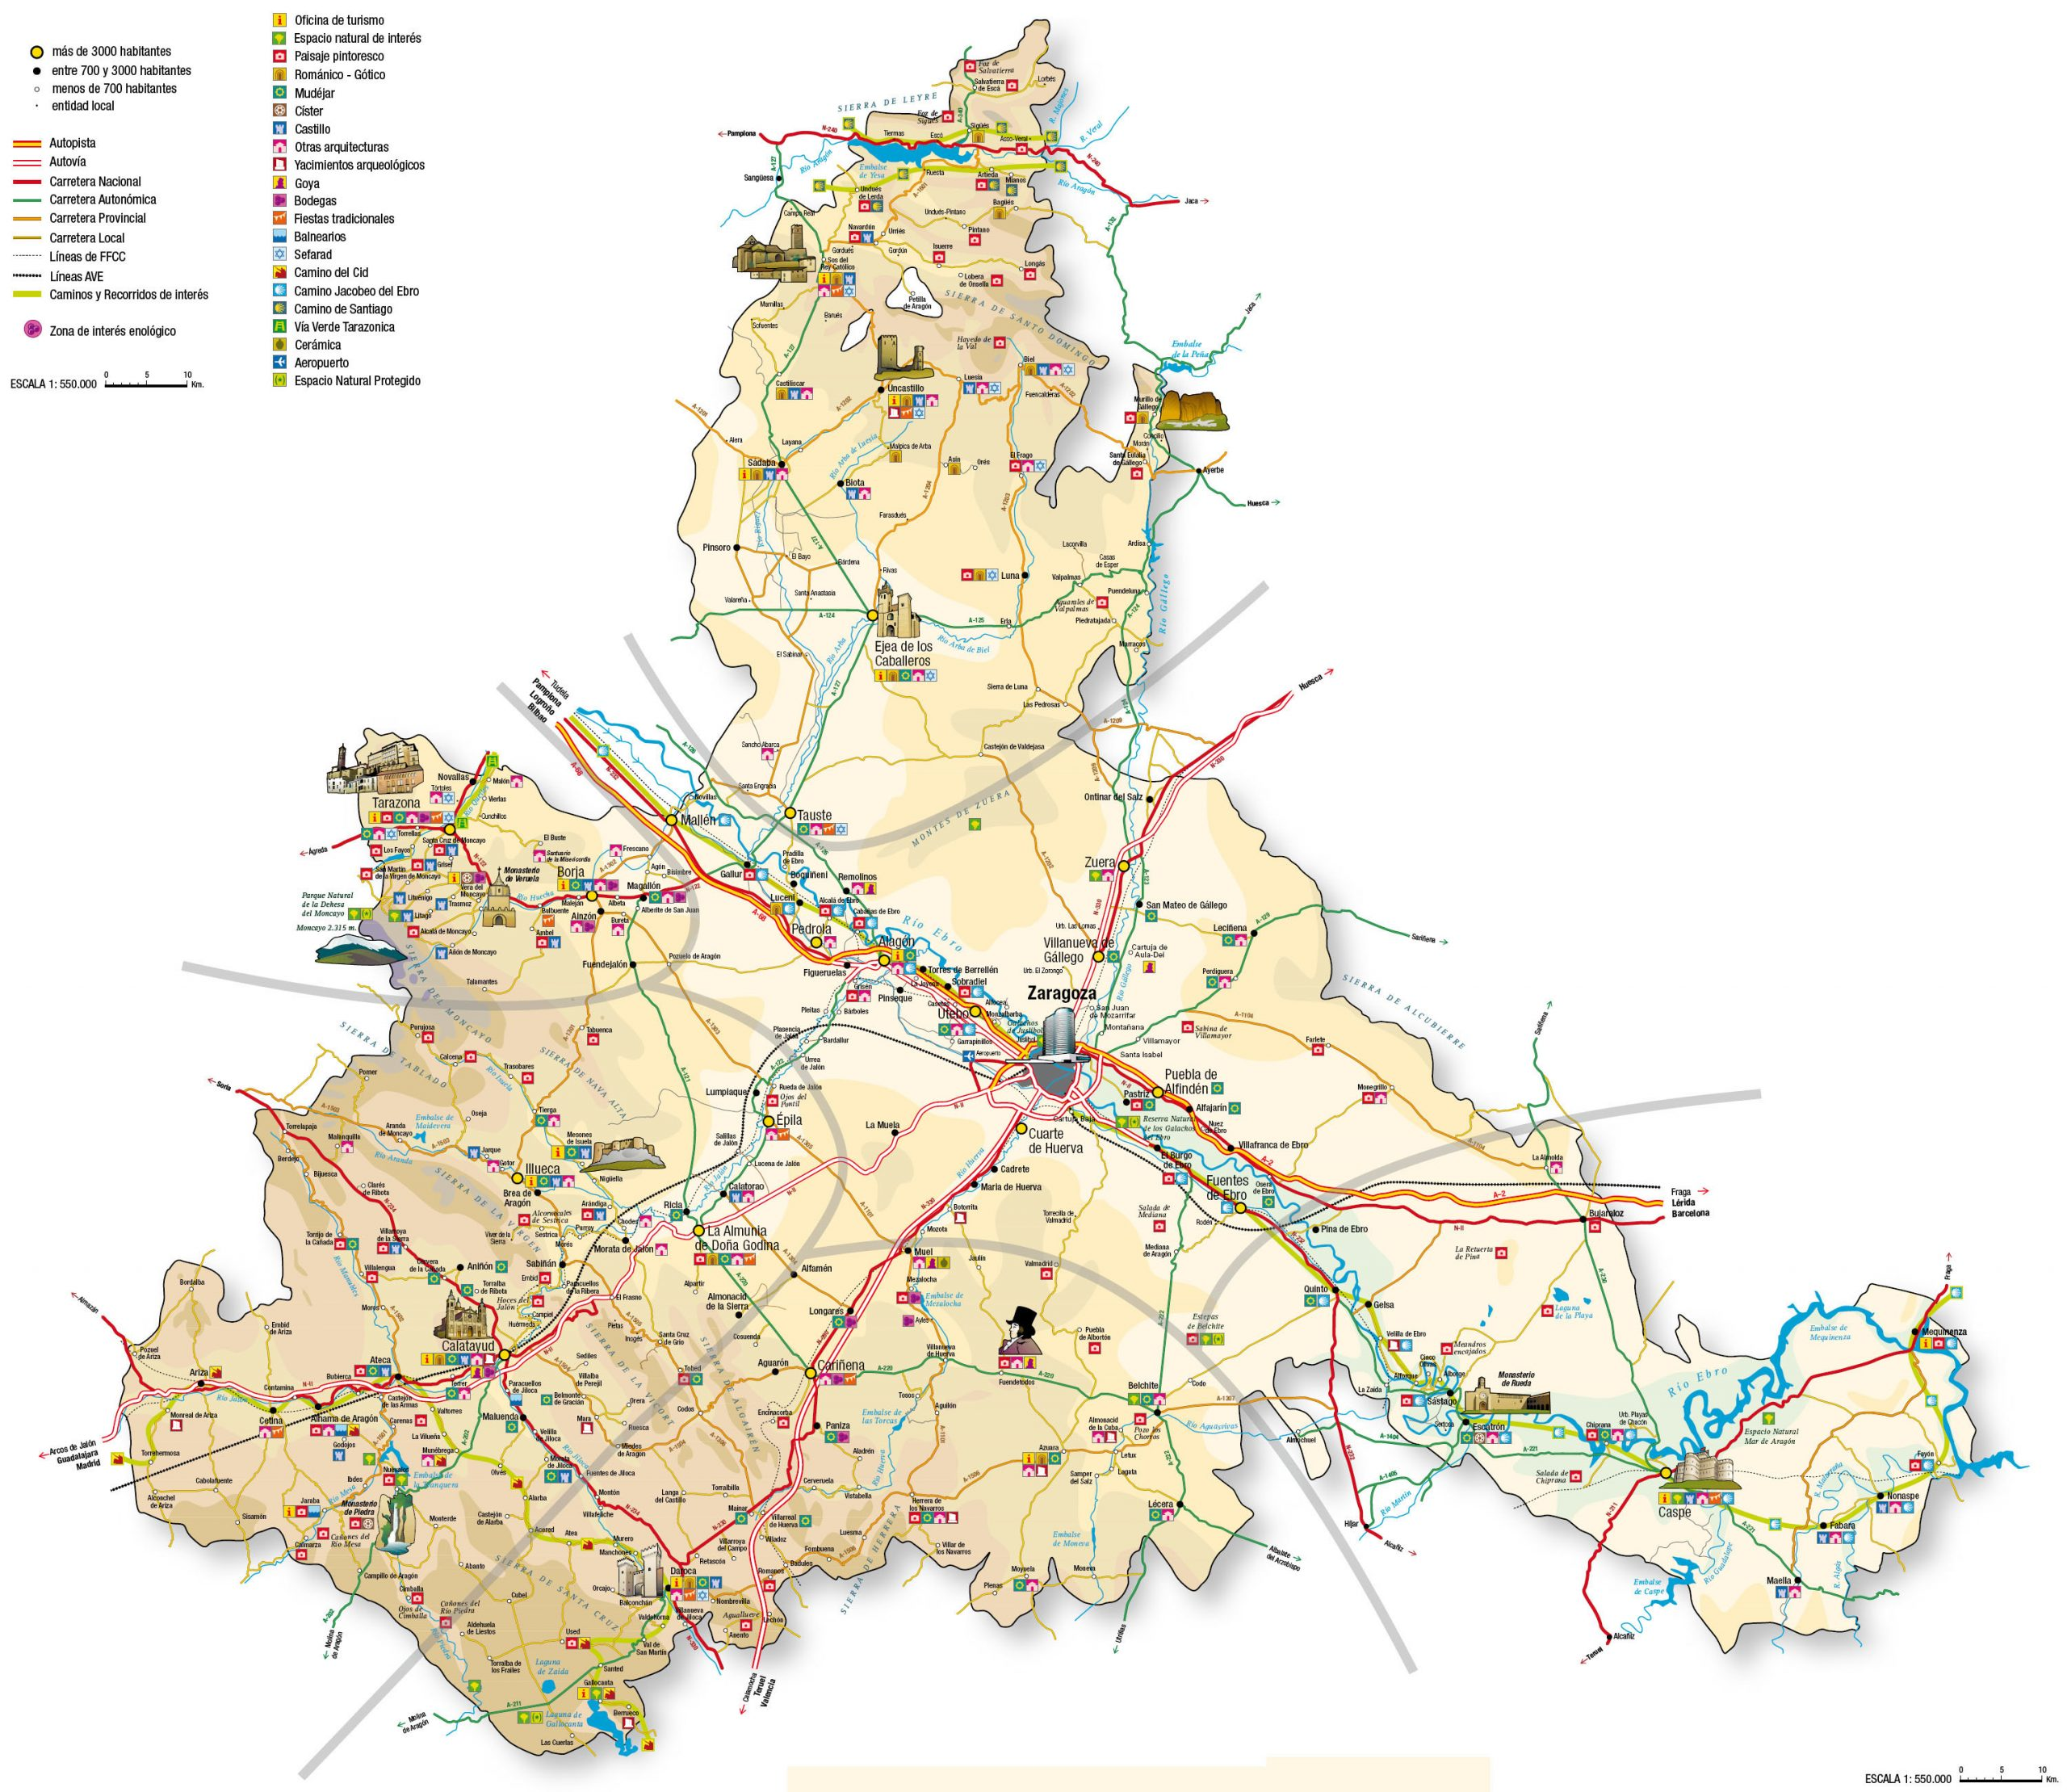 Mapa turístico de la provincia de Zaragoza